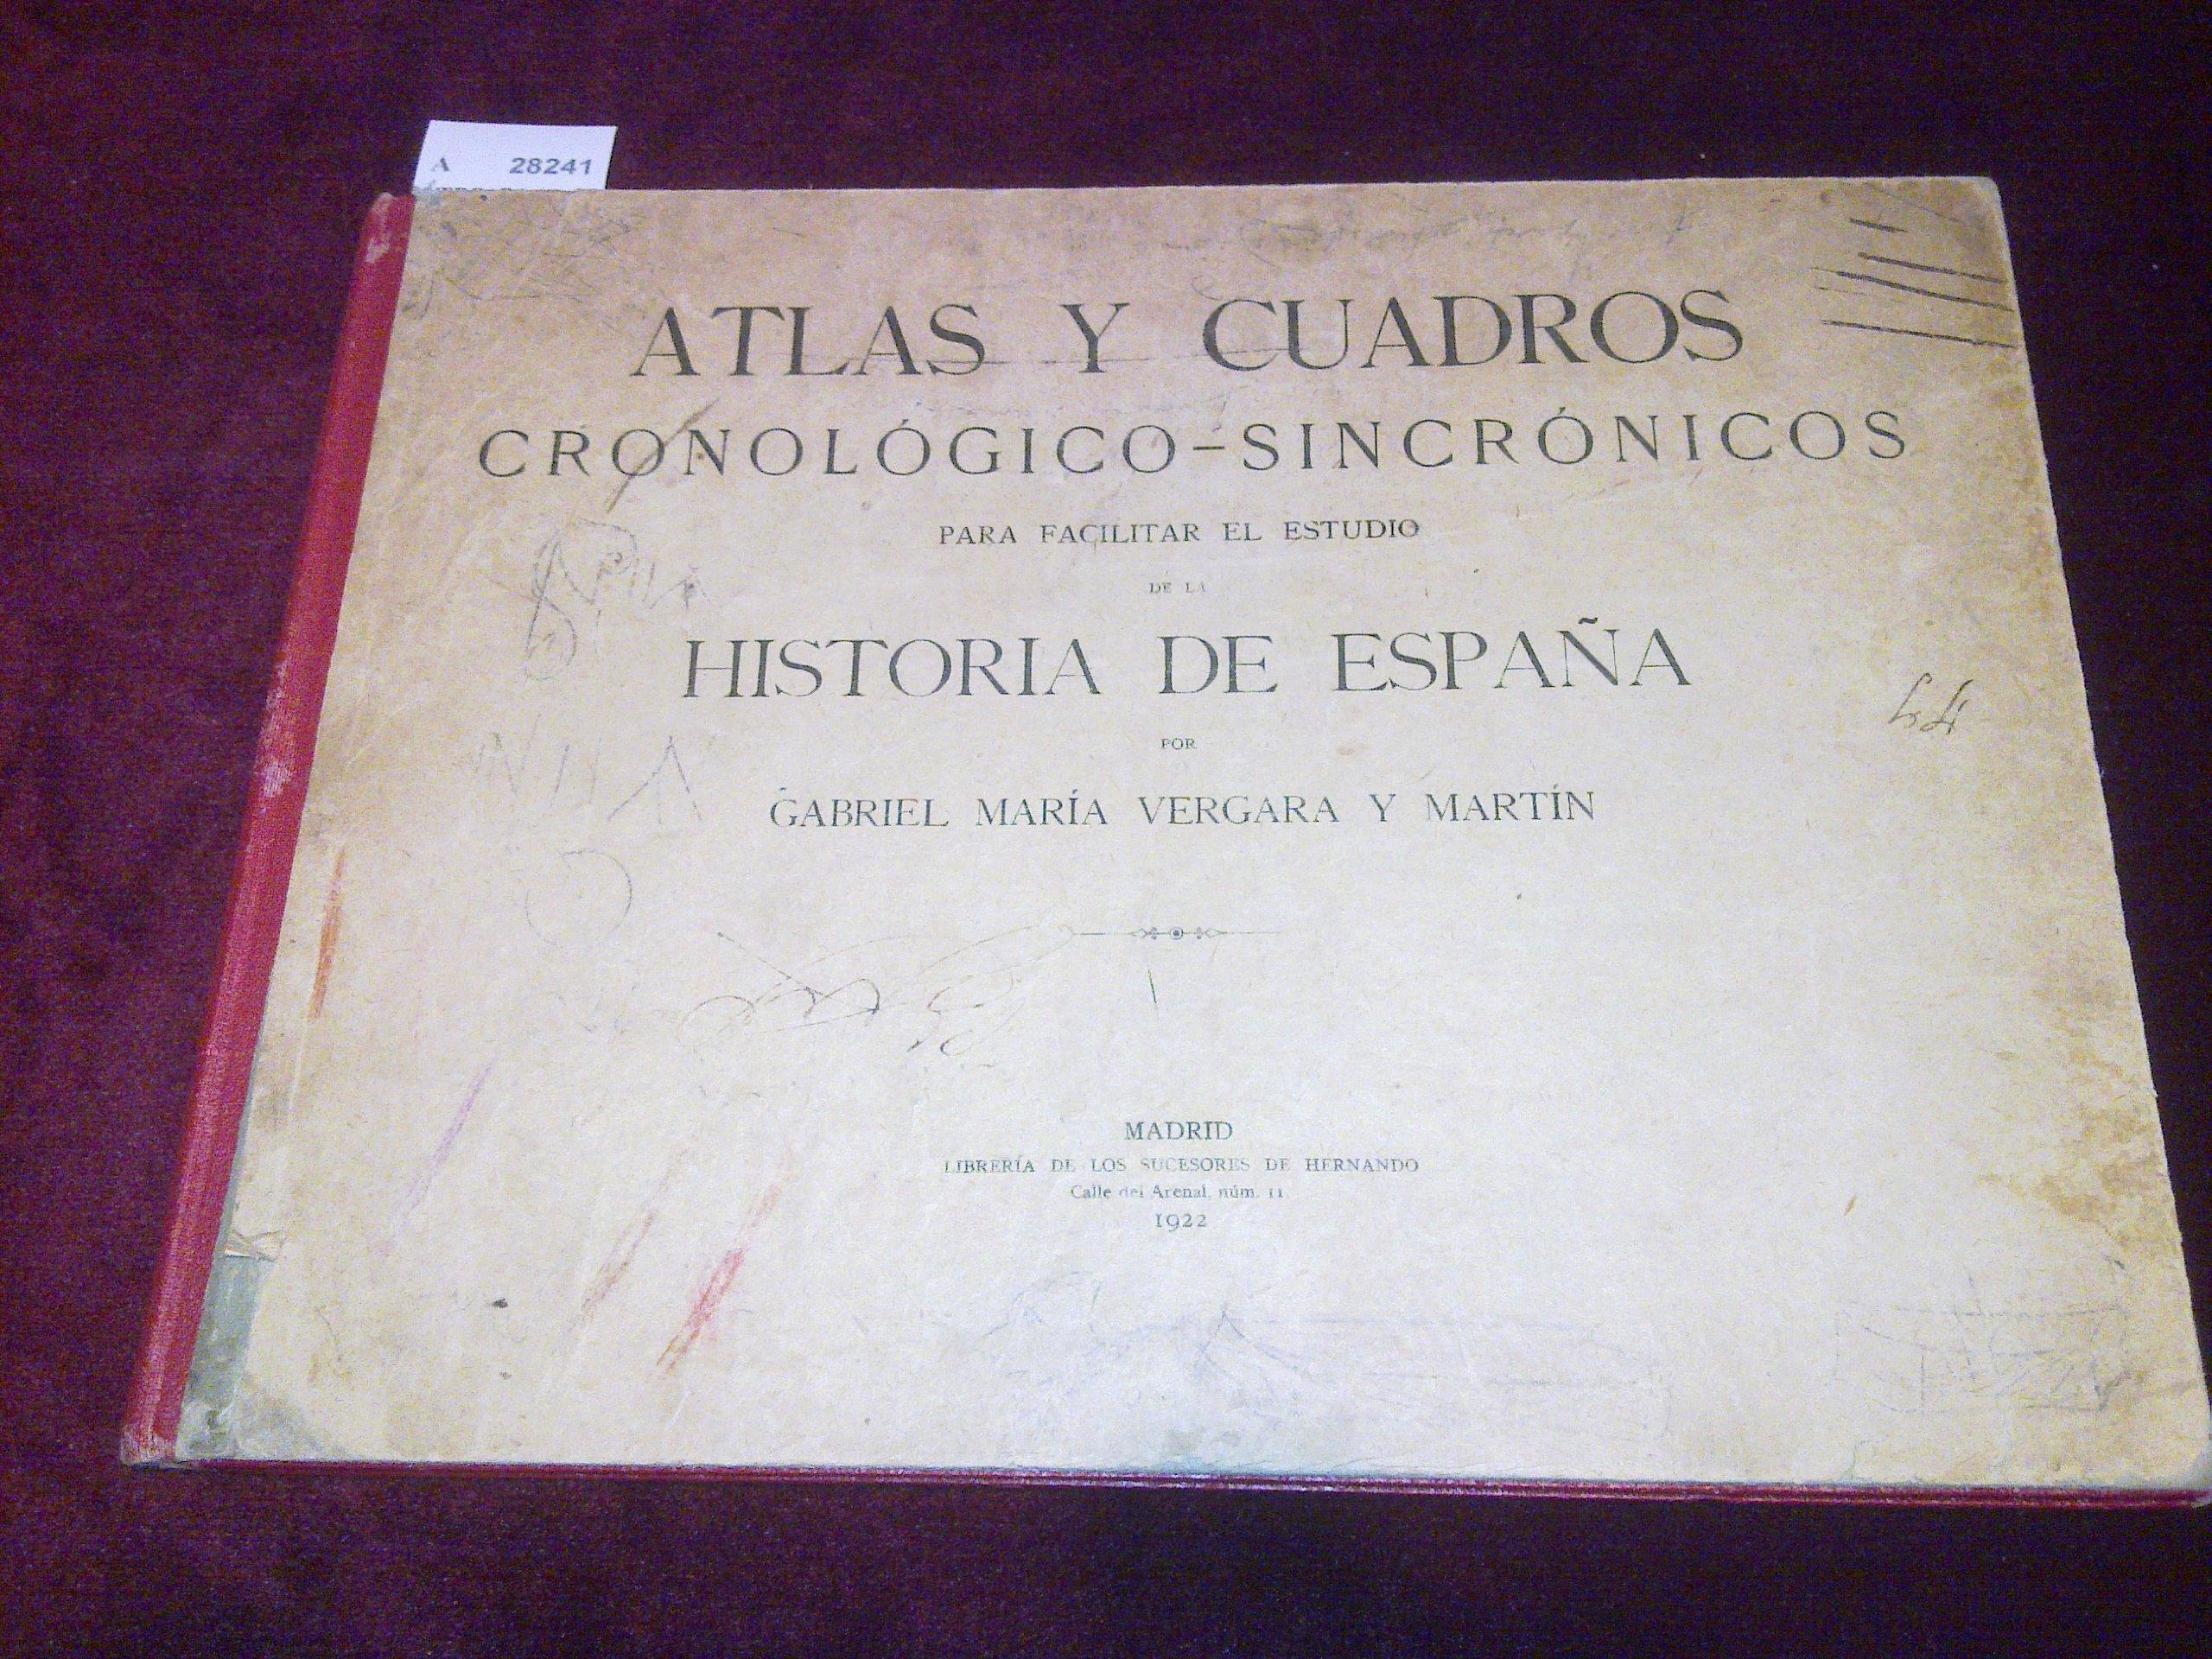 NUEVO ATLAS GEOGRAFICO DE LAS AMERICAS.: Amazon.es: ANESI, Jose, Mapas color, alguno desplegable.: Libros